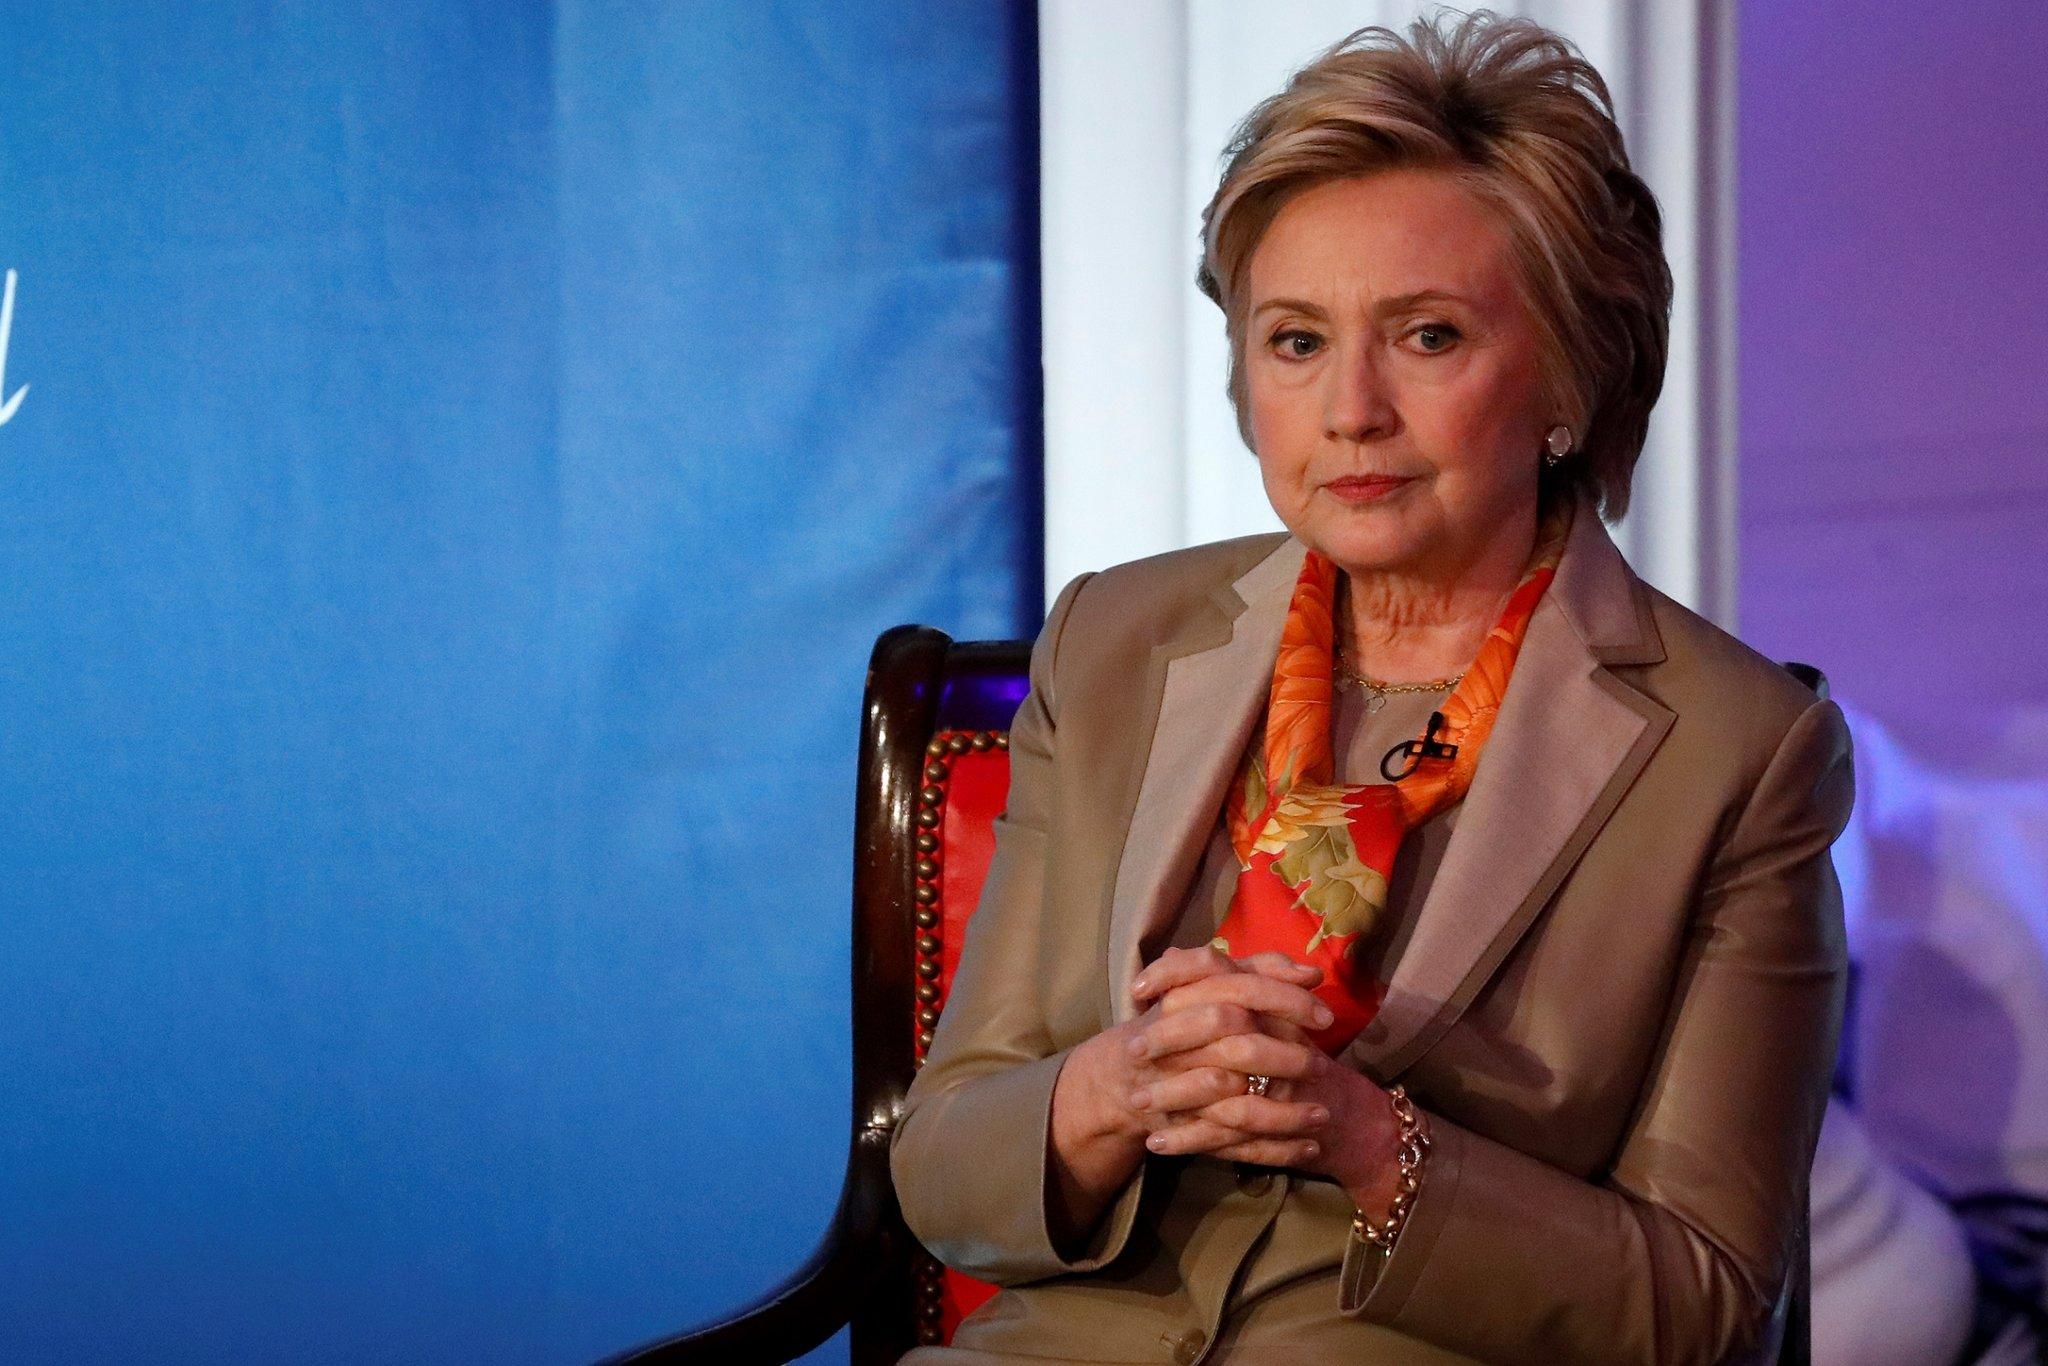 Хиллари Клинтон: Би Ерөнхийлөгч байсан бол гэх бодол одоо ч төрдөг